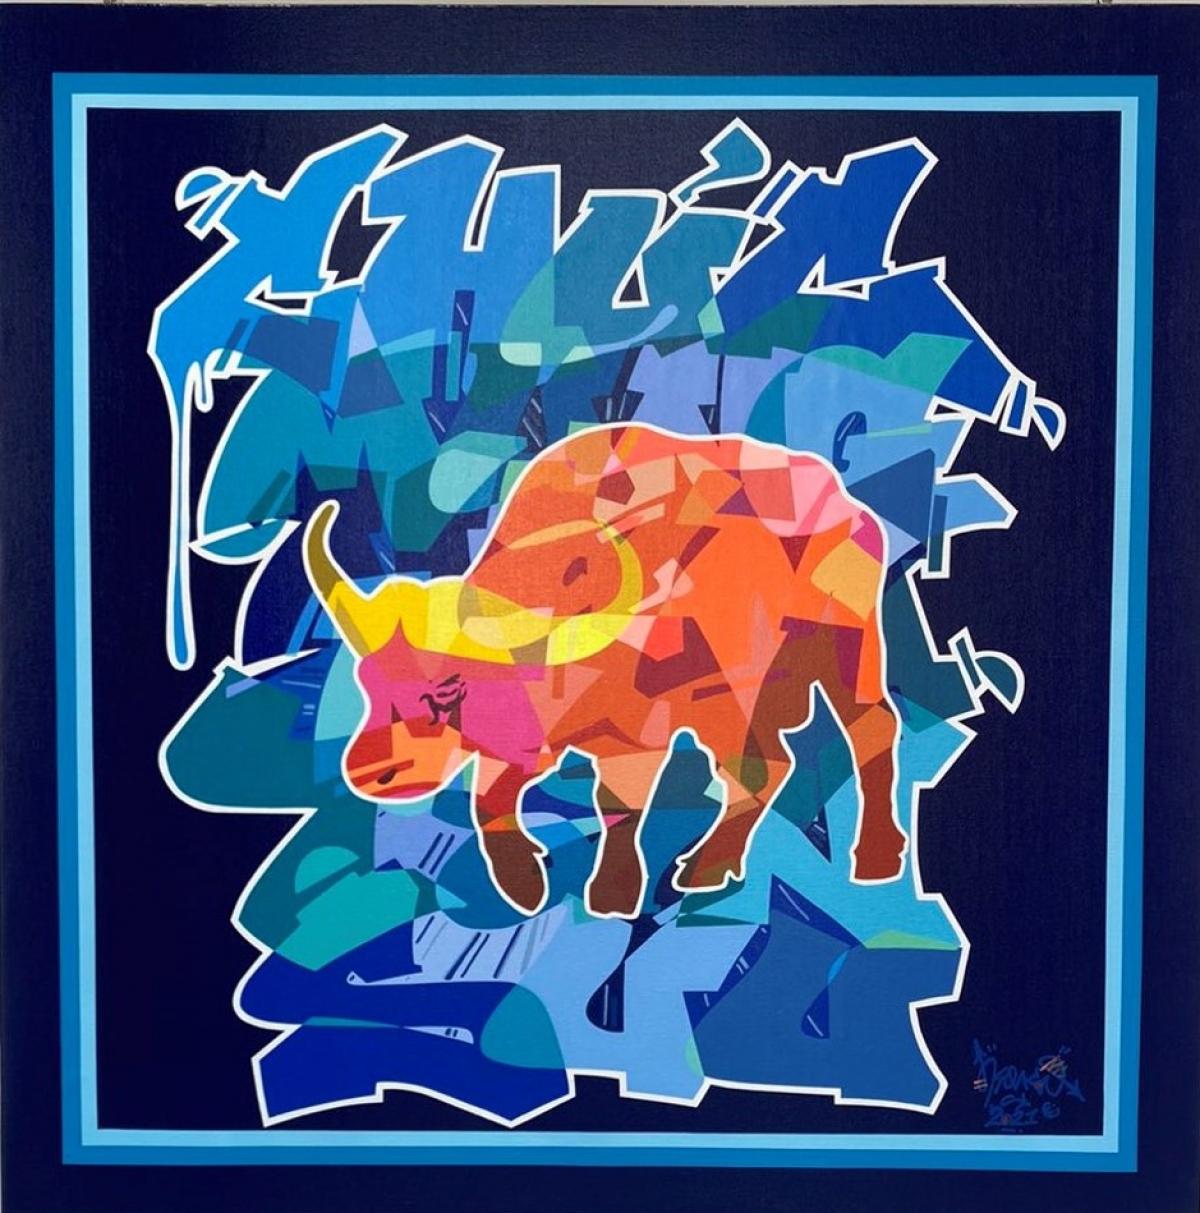 Biểu tượng Tân Sửu thăng hoa trong nghệ thuật đường phố Graffiti - Đài Phát  thanh và Truyền hình Thanh Hóa